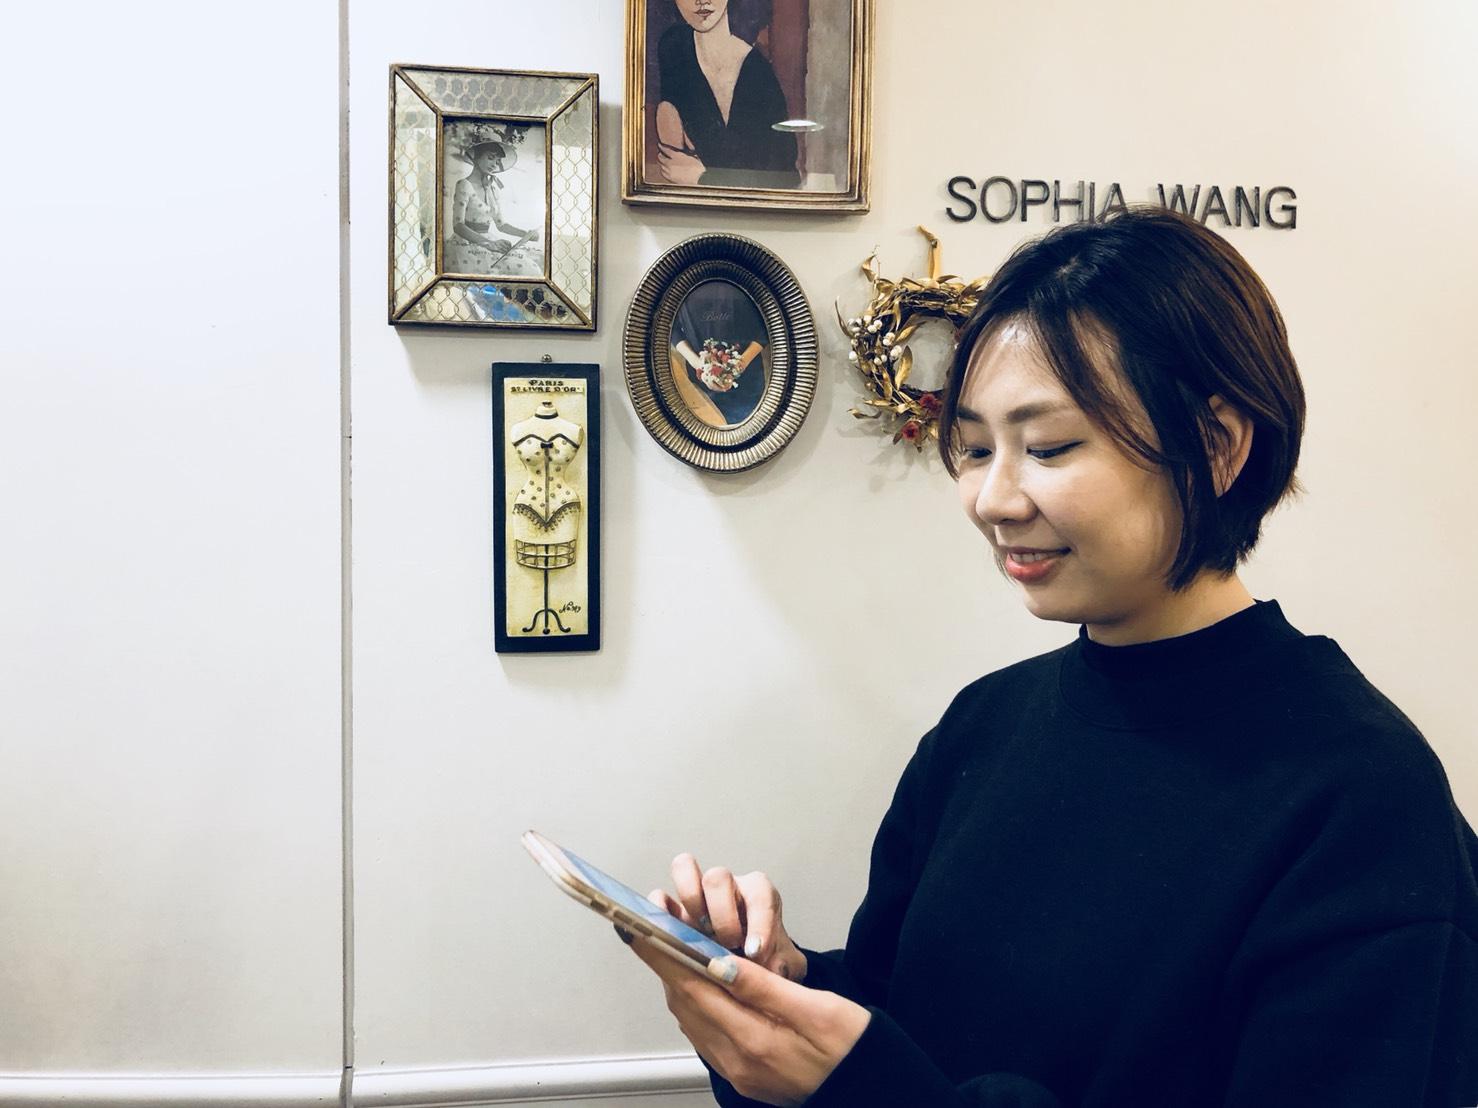 聰明溝通高效率!時尚女裝Sophia Wang選擇WorkDo解決實體門市管理問題